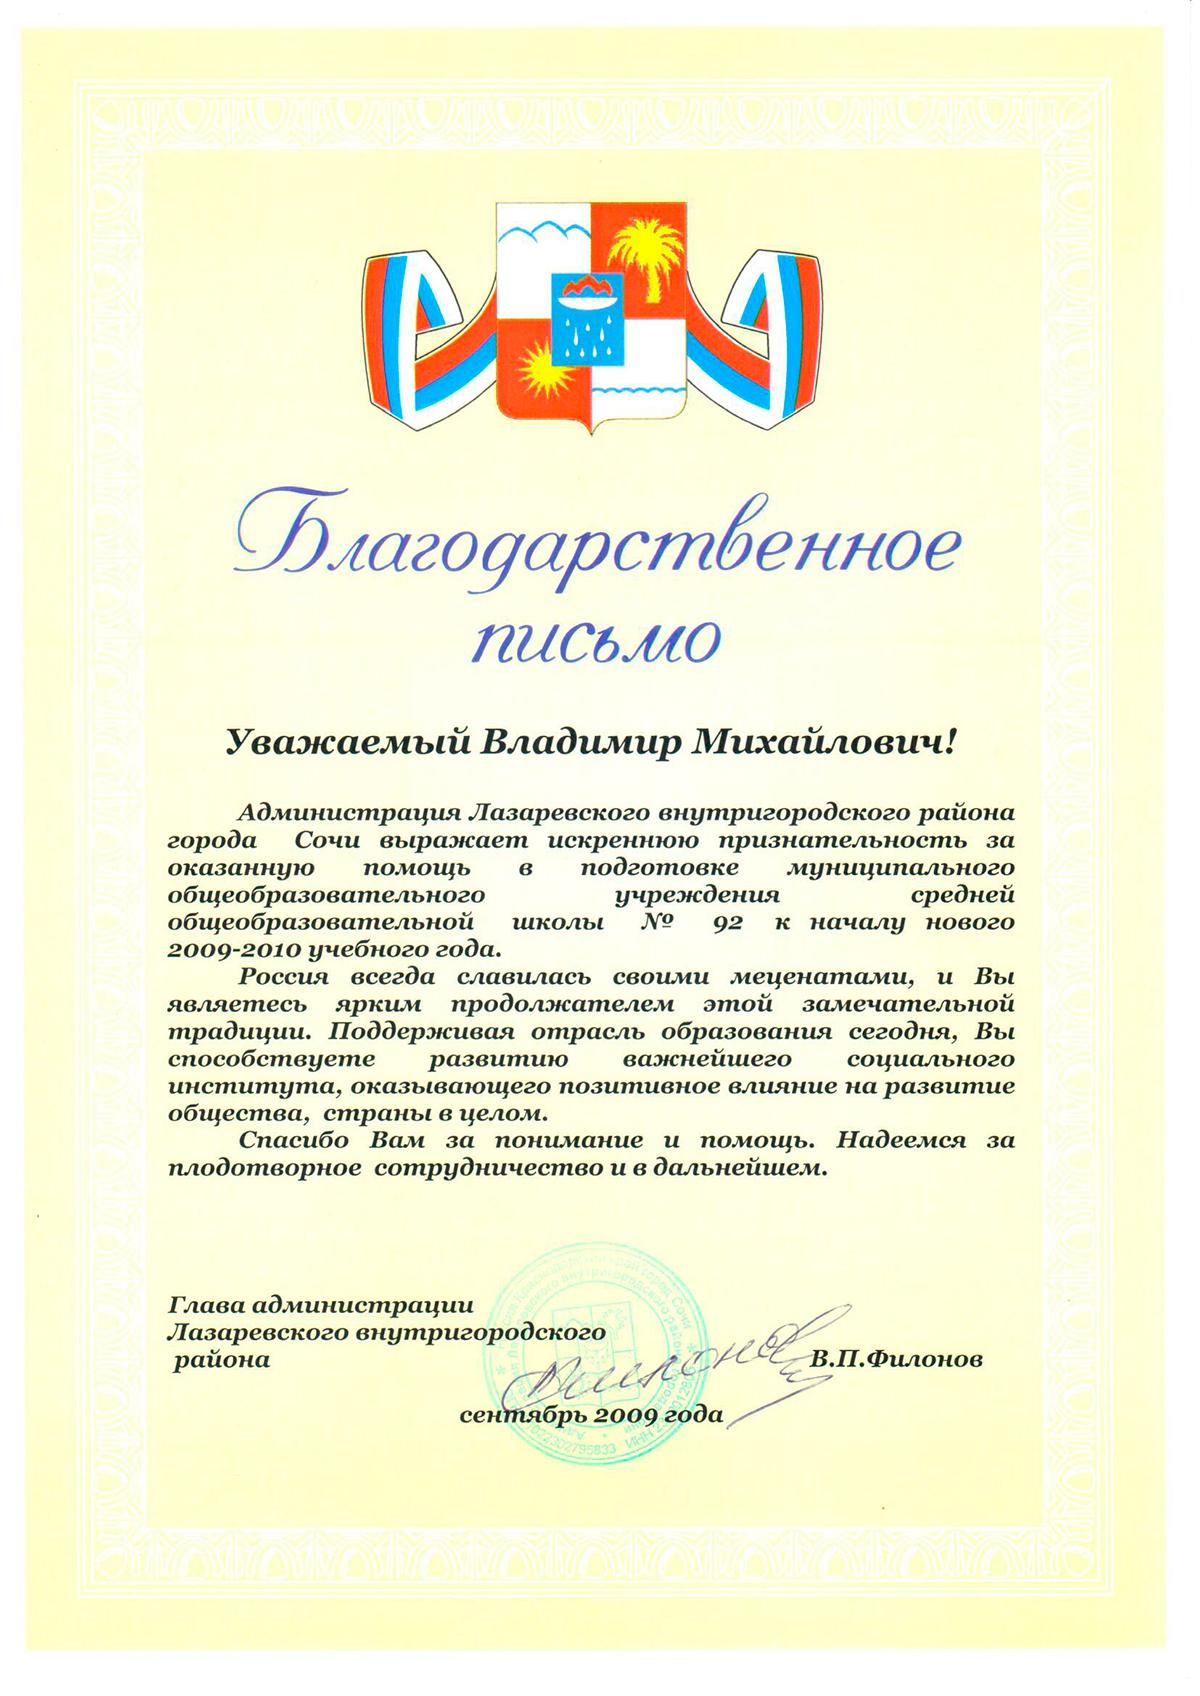 Благодарственное письмо от Администрации Лазаревского района города Сочи